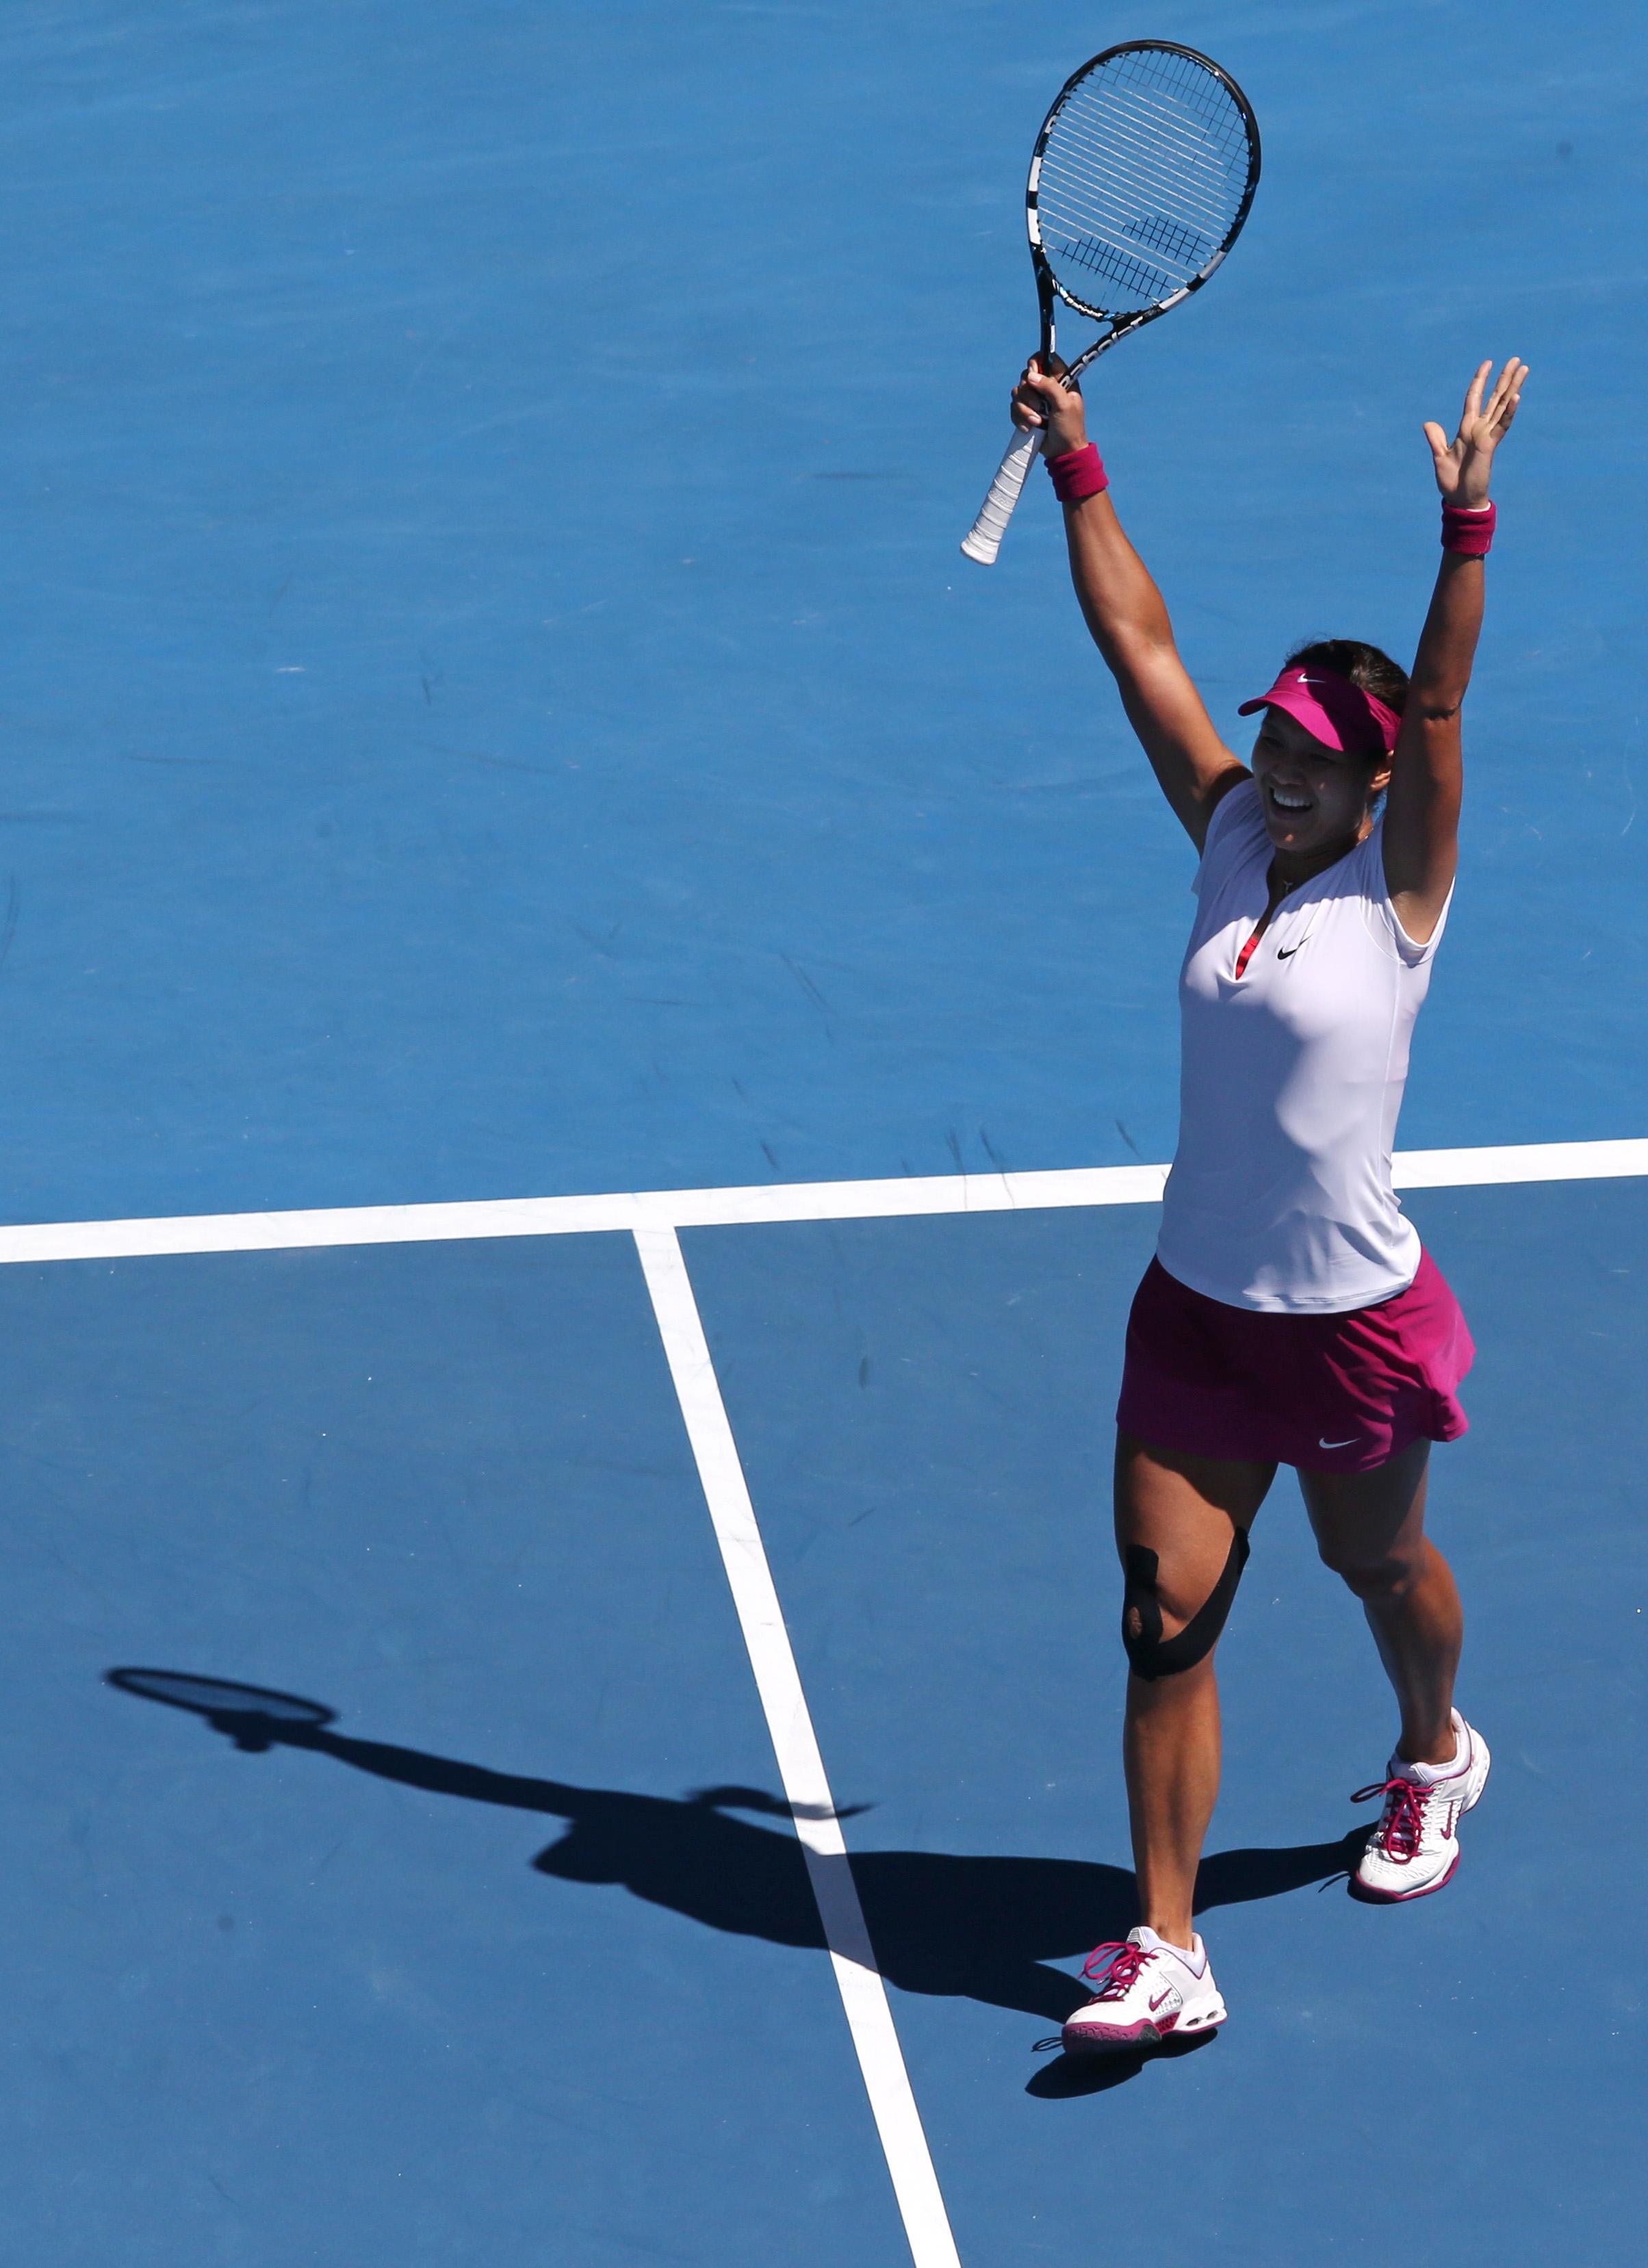 Wawrinka reaches first Slam final at Aussie Open